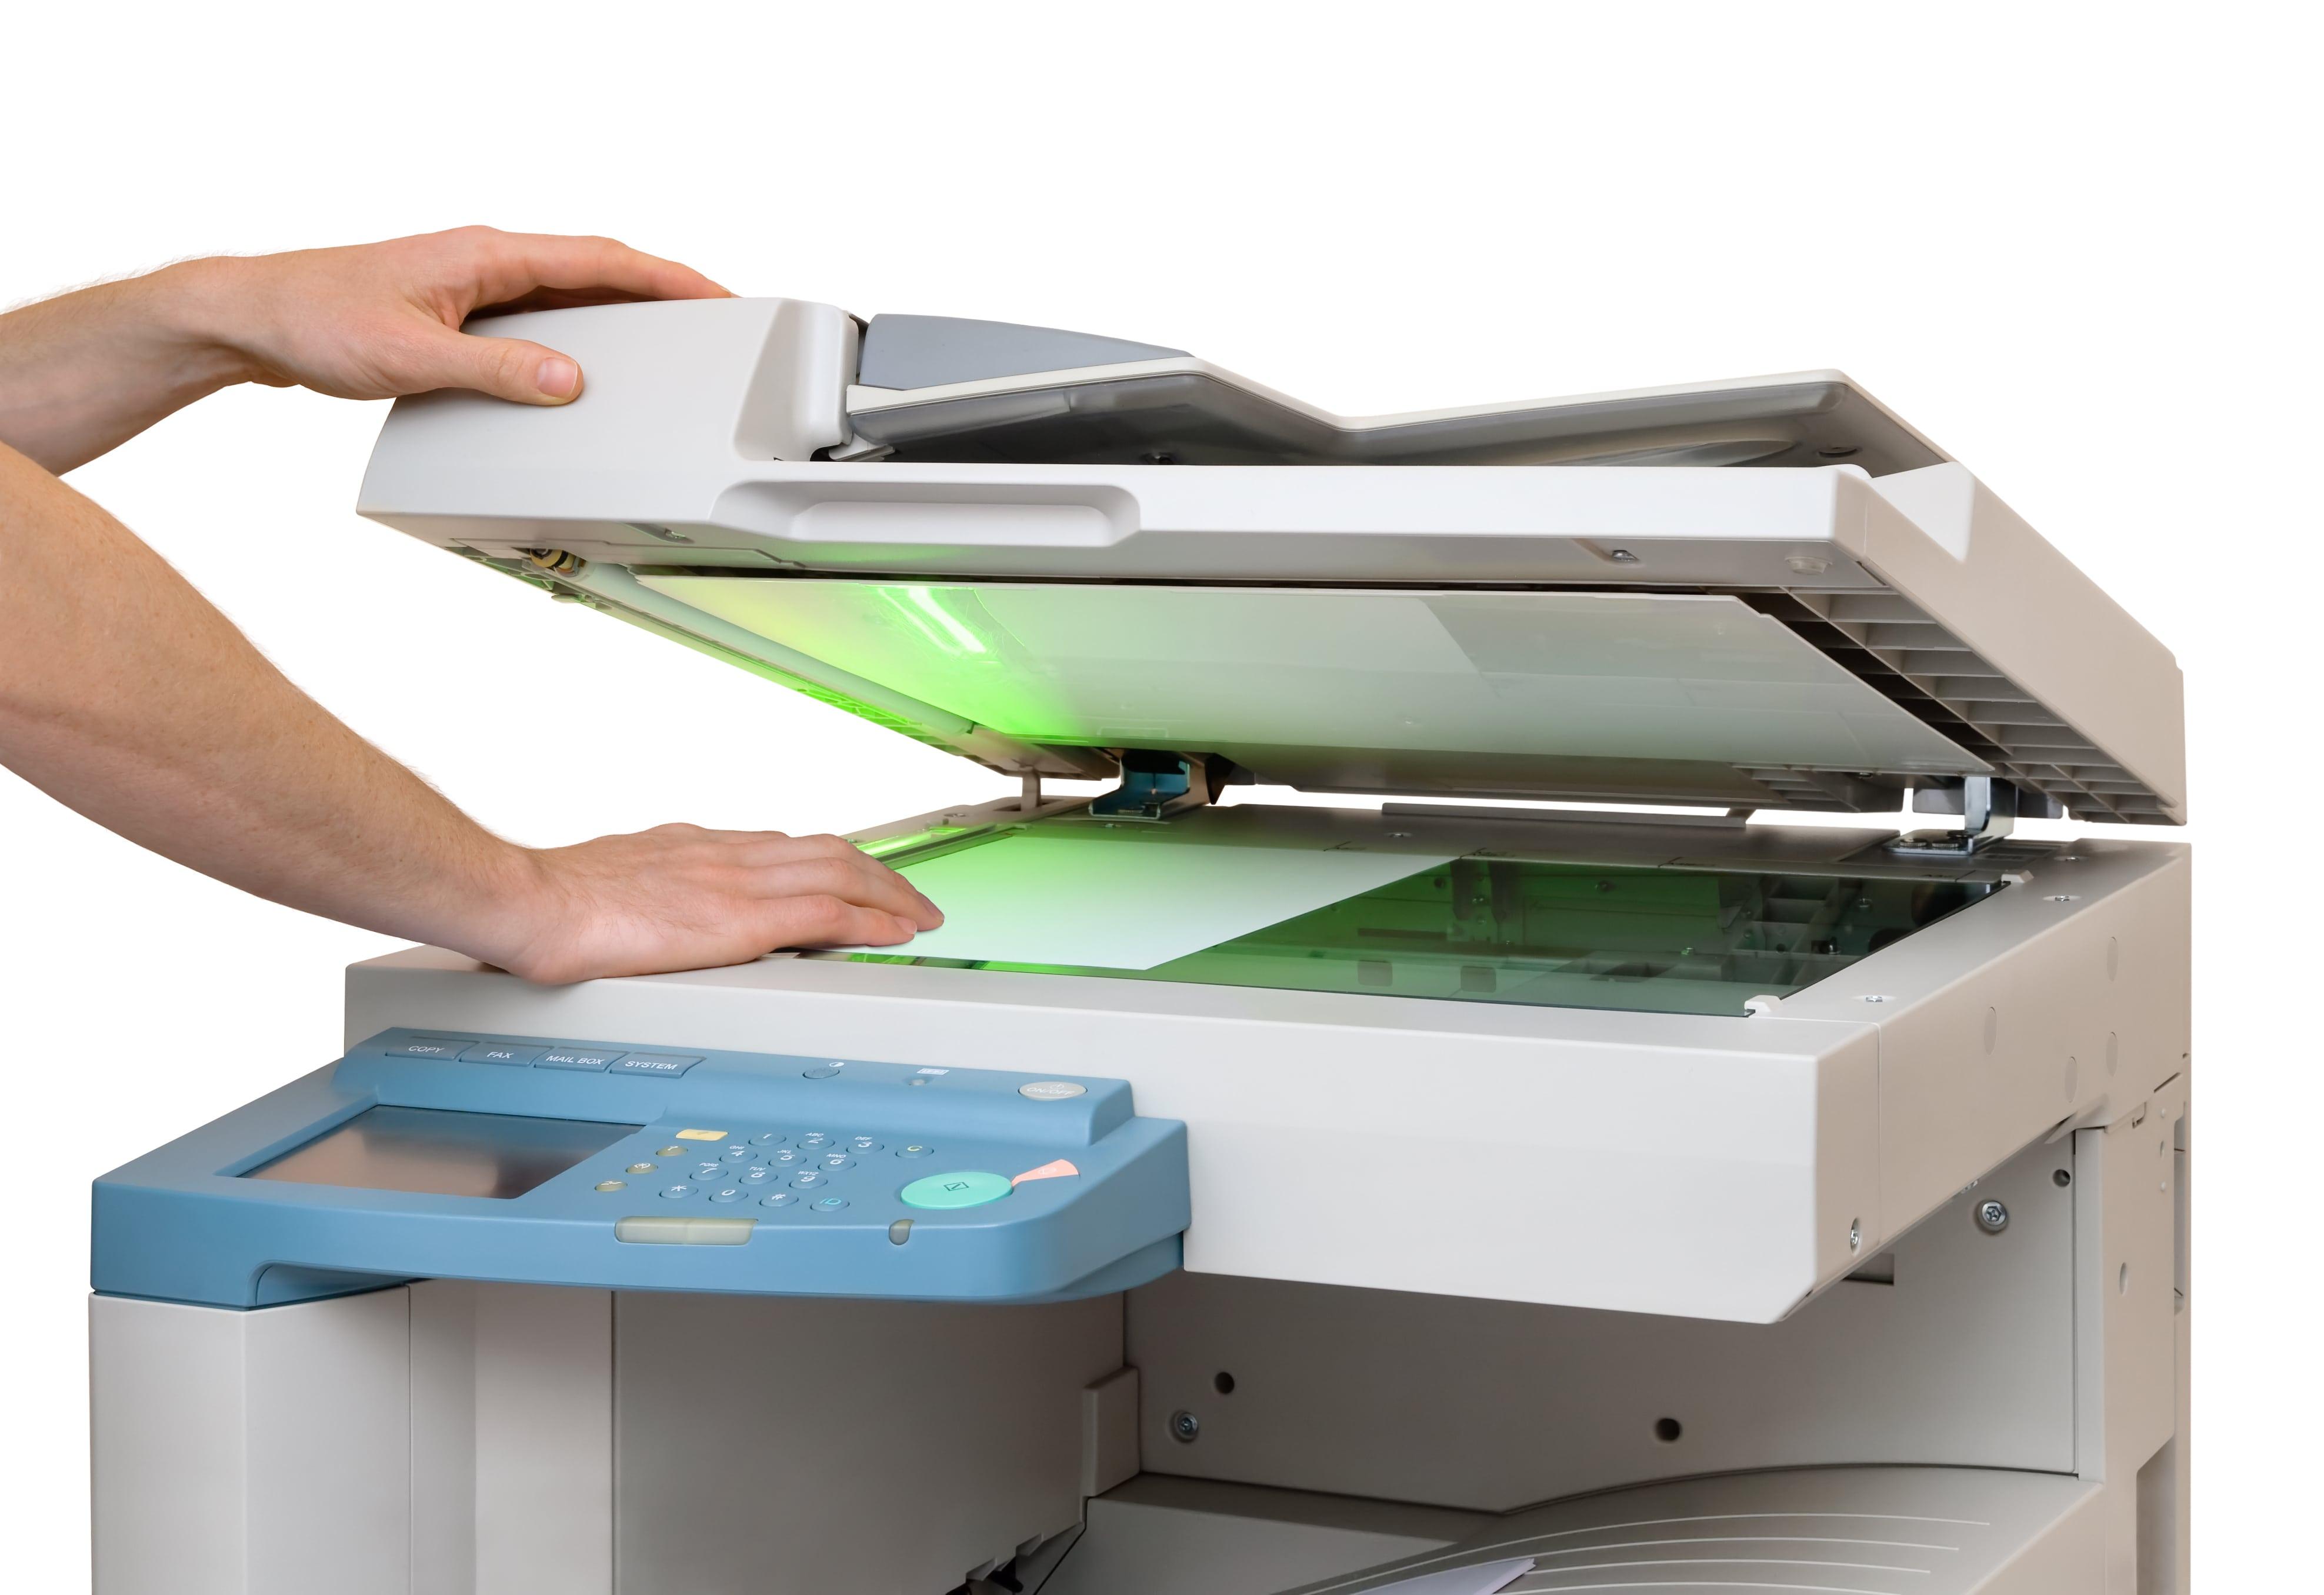 Как сканировать документы с принтера на компьютер - 7 популярных способа